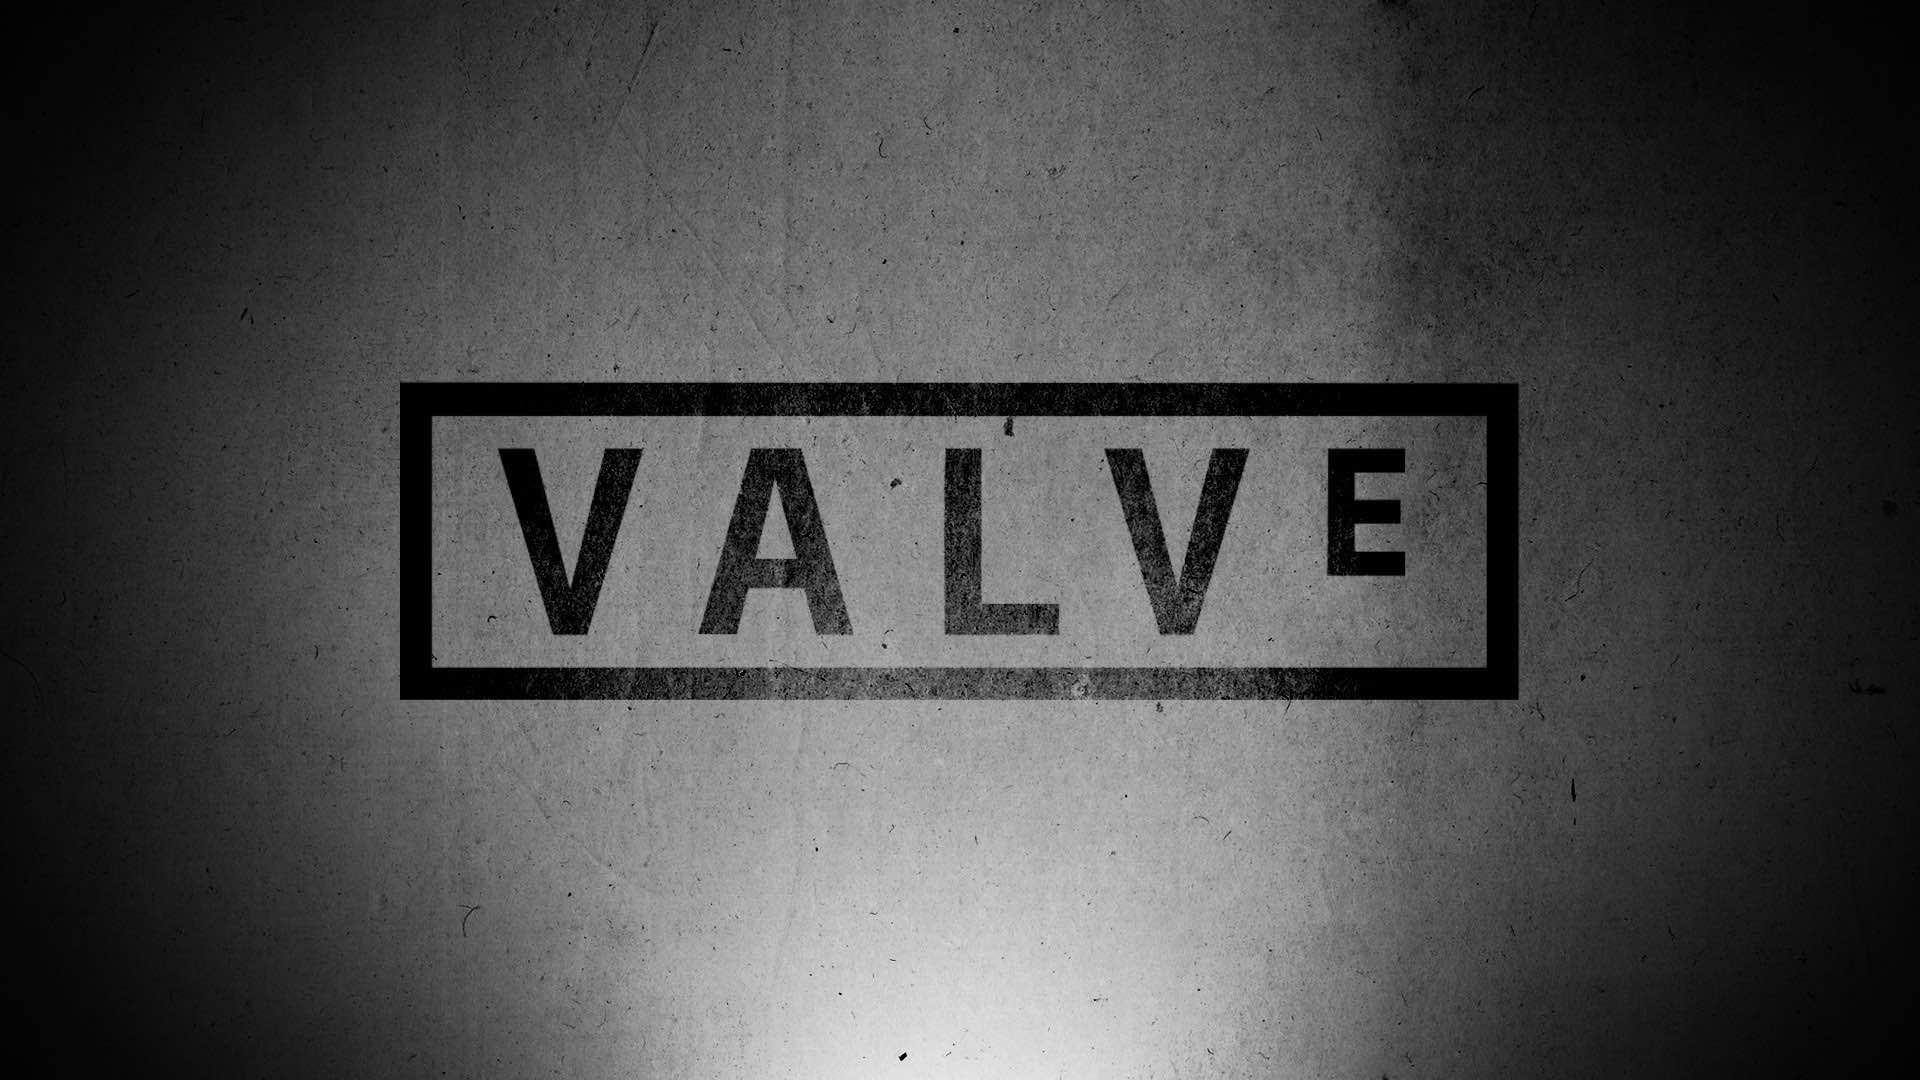 Valve Ve 5 PC Oyunu Yayıncısı 9,4 Milyon Dolar Para Cezası Aldı